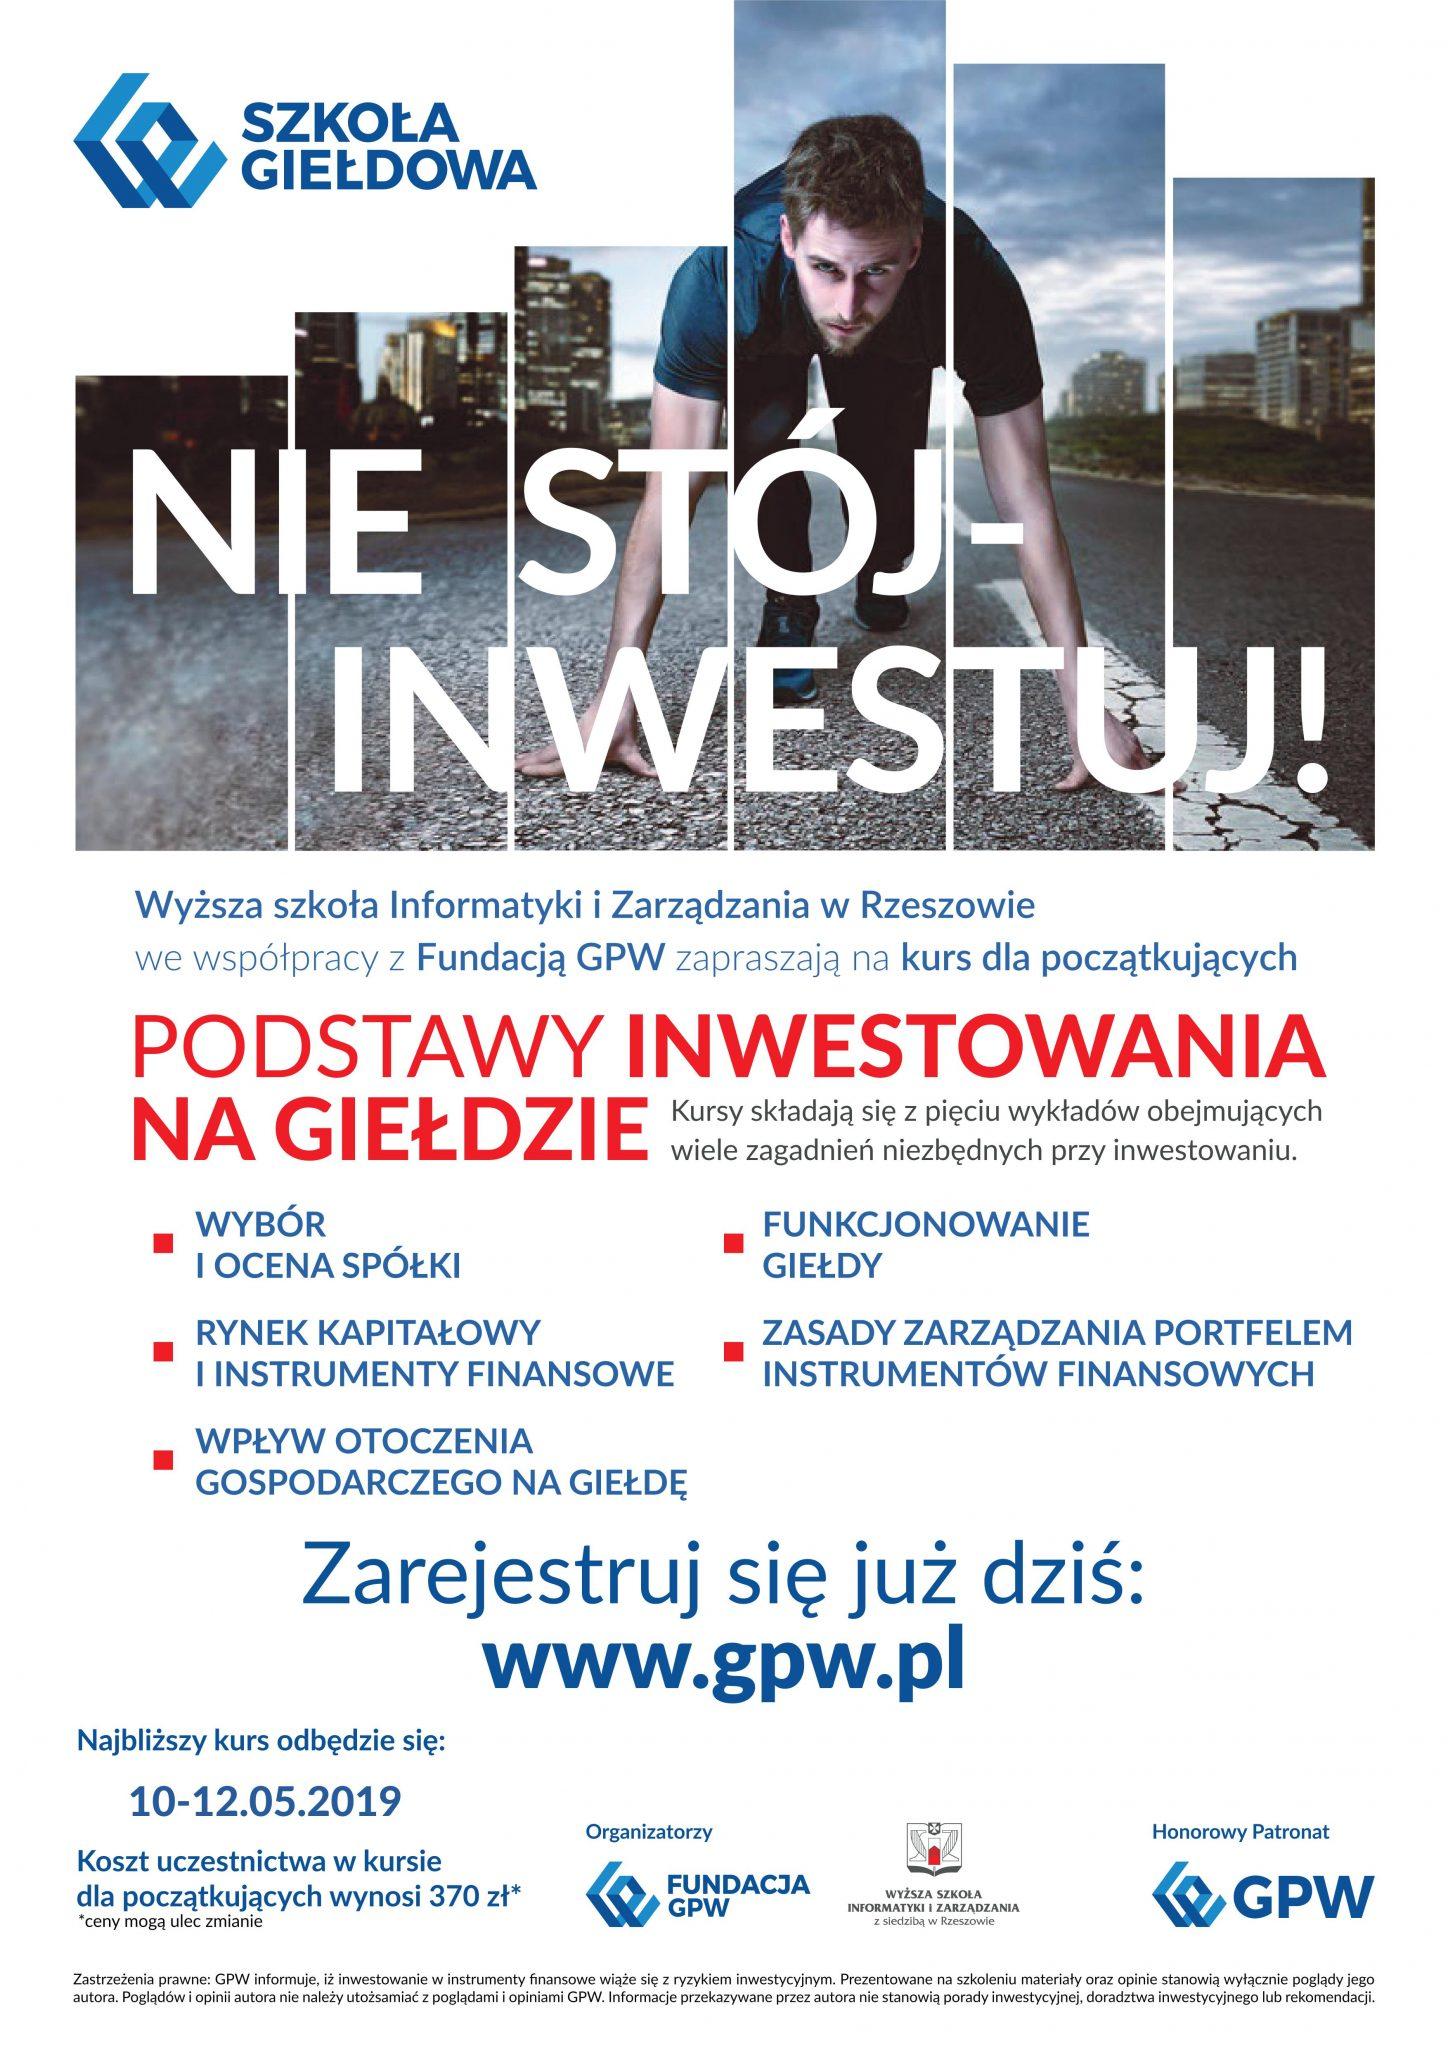 Kurs: Podstawy inwestowania na giełdzie